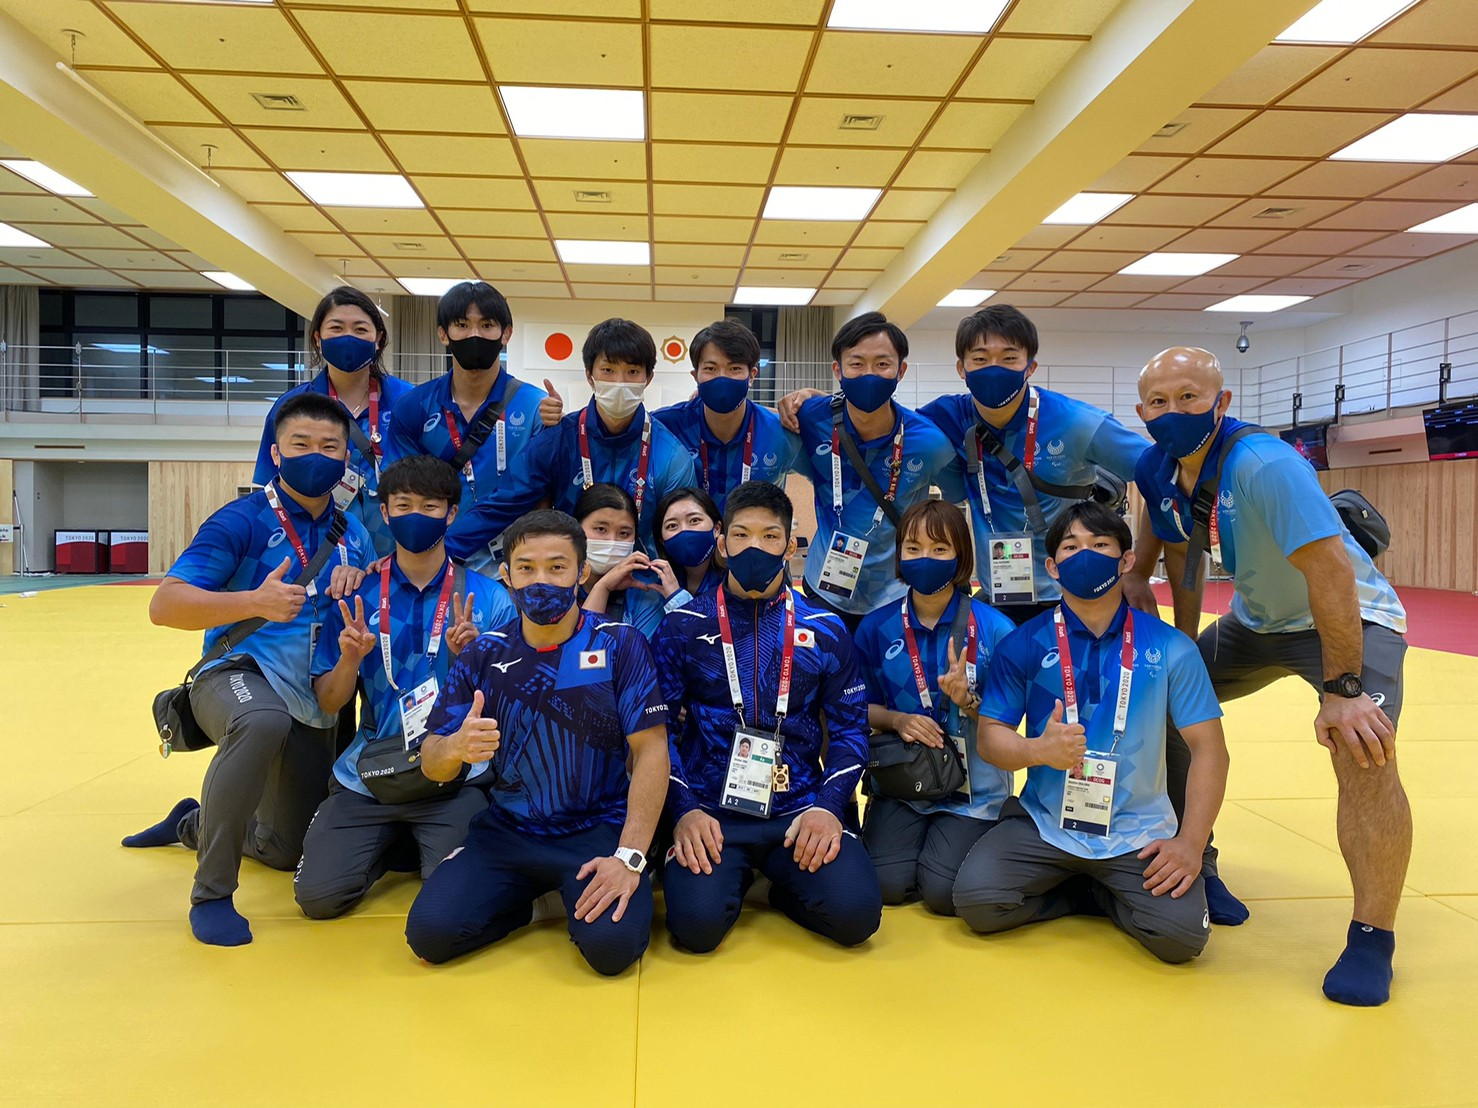 スポーツに携わるひとの夢を、全力でバックアップ。<br>2020年東京五輪に、学生が通訳ボランティアとして参加。